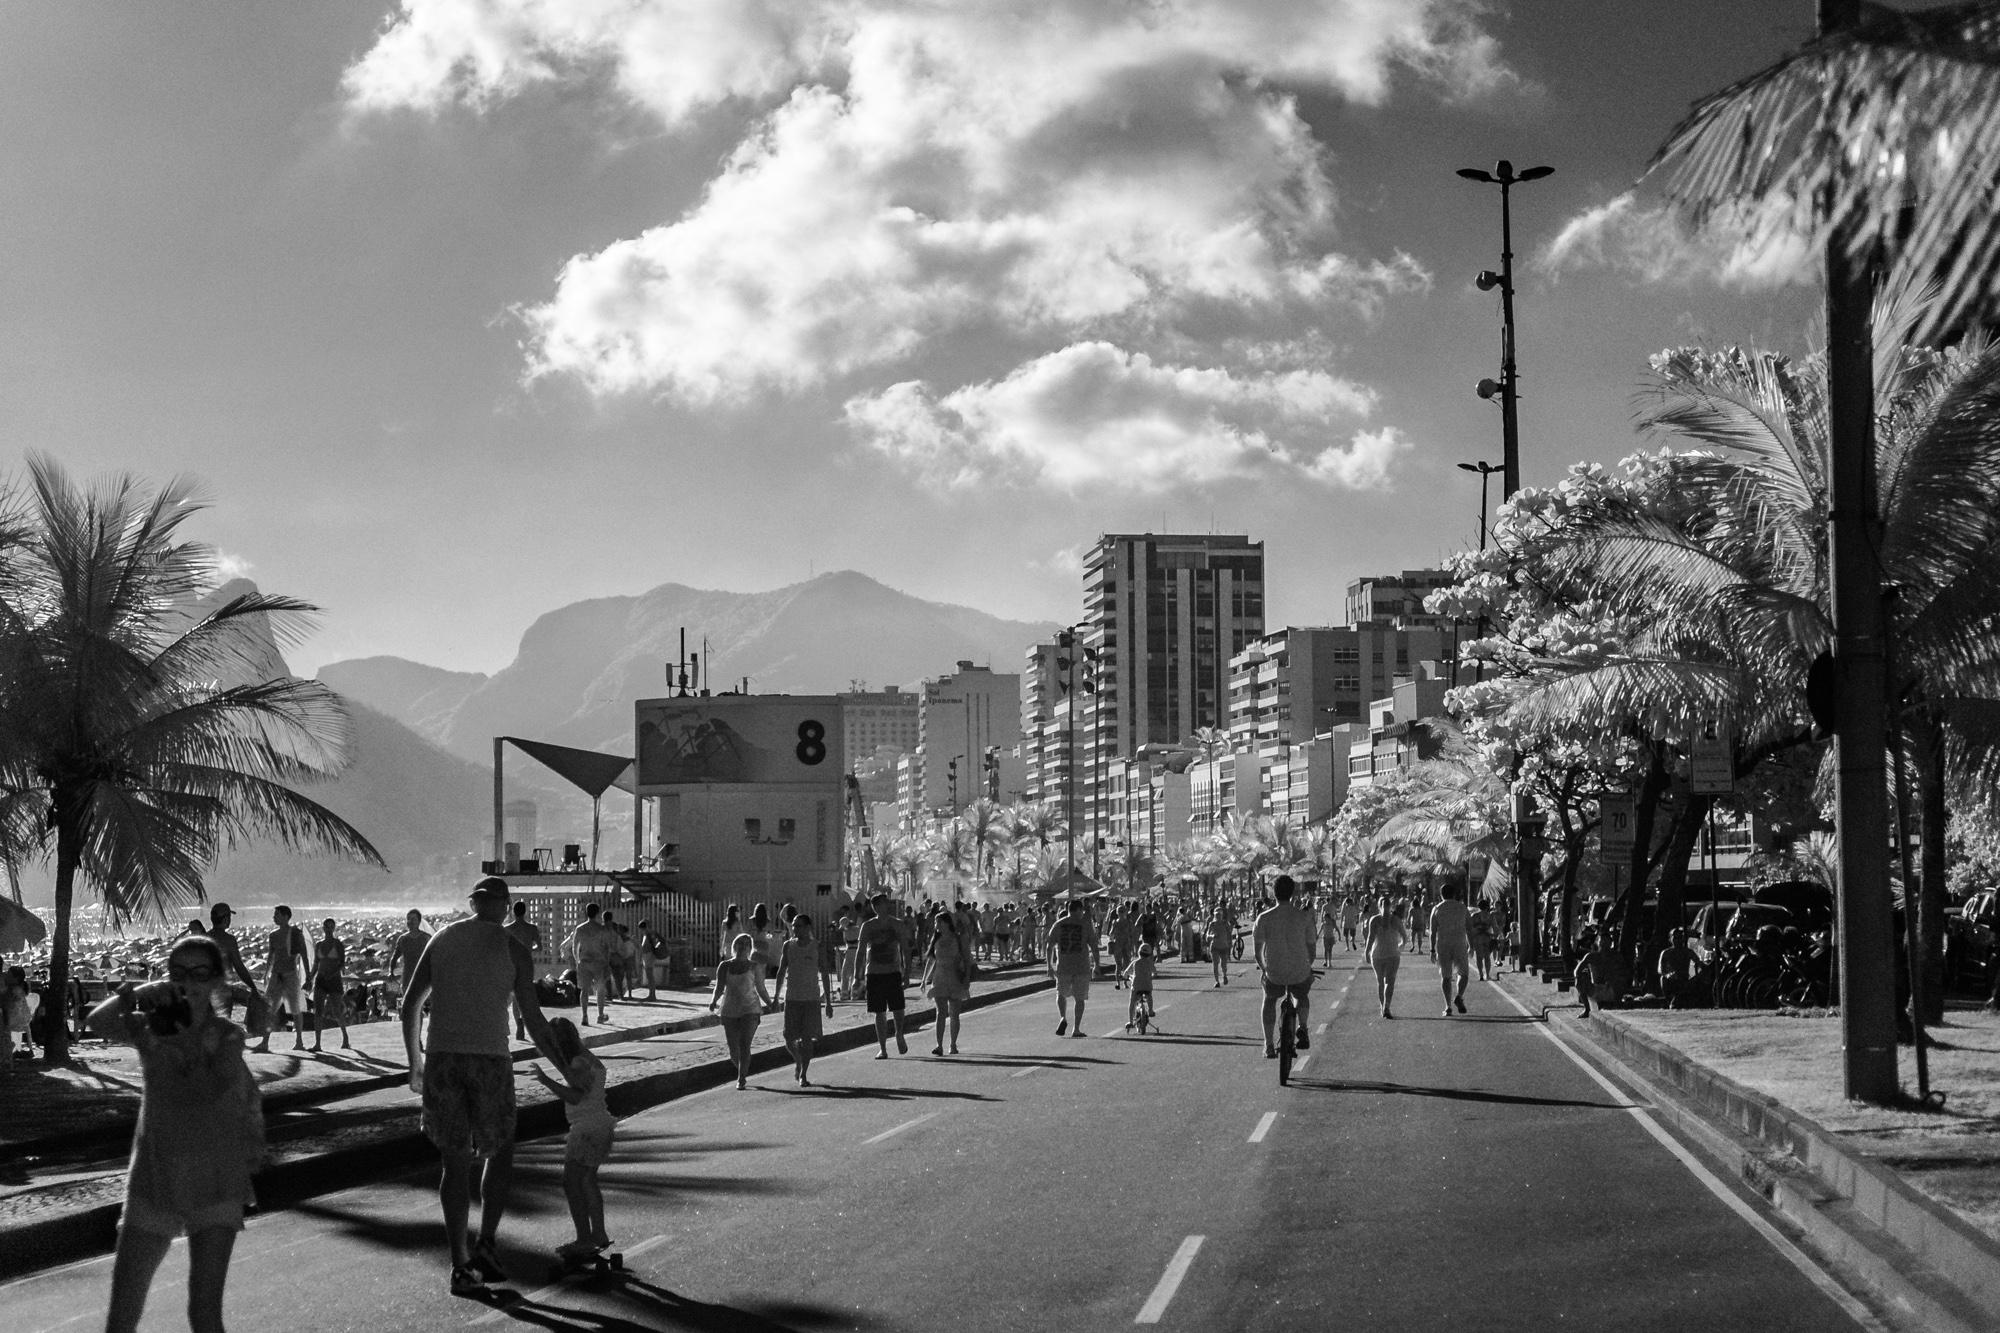 Scott_Myers_Brazil_Infrared-1441.jpg